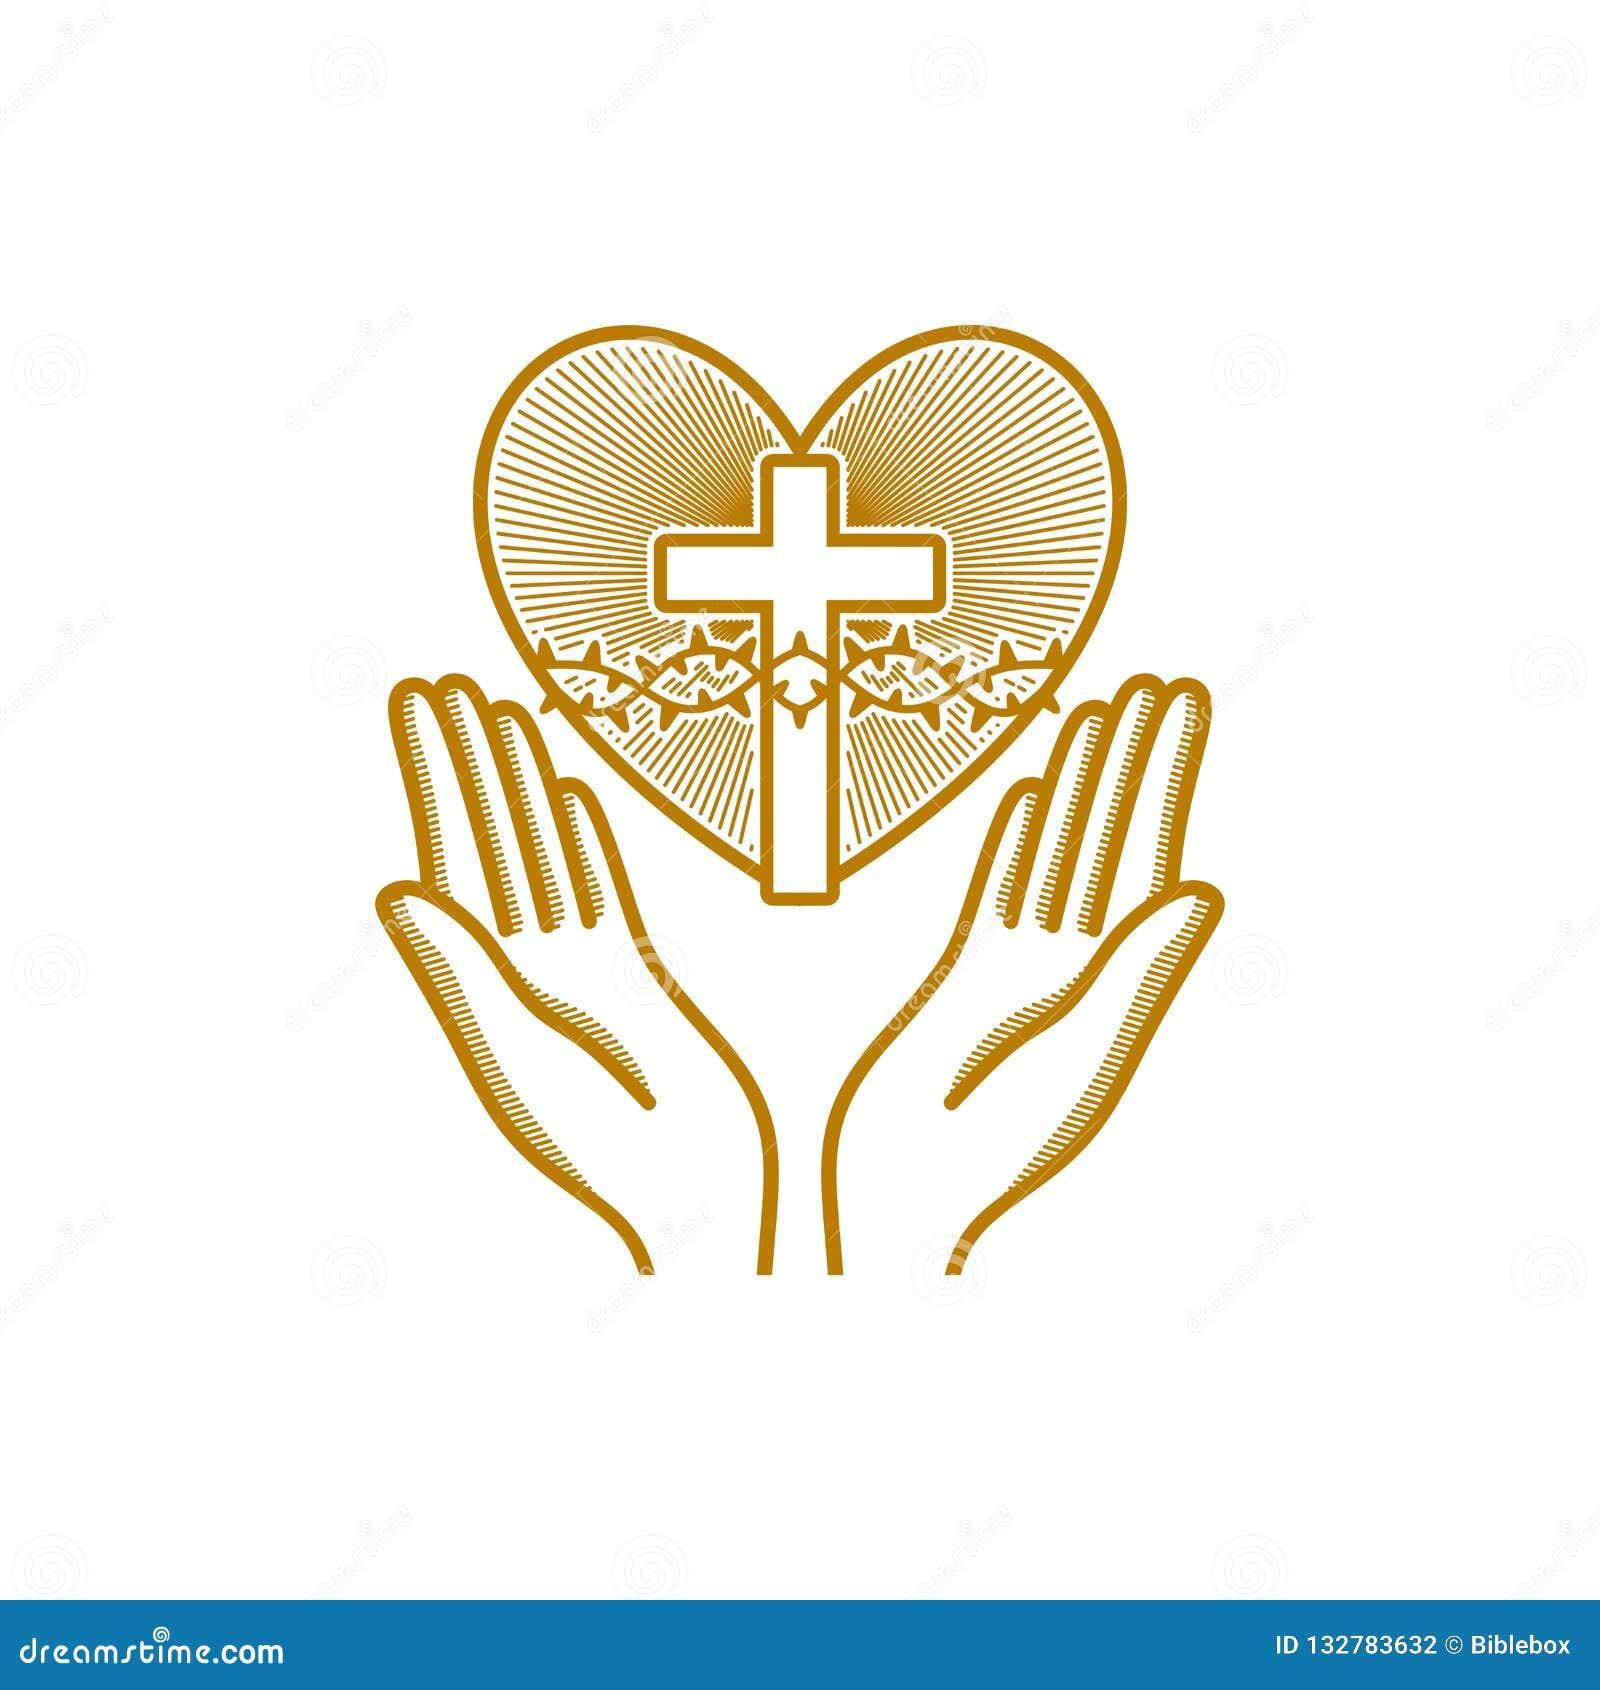 Logotipo de la iglesia Símbolos cristianos Las manos de rogación se dirigen al corazón con la corona de espinas de Jesus Christ